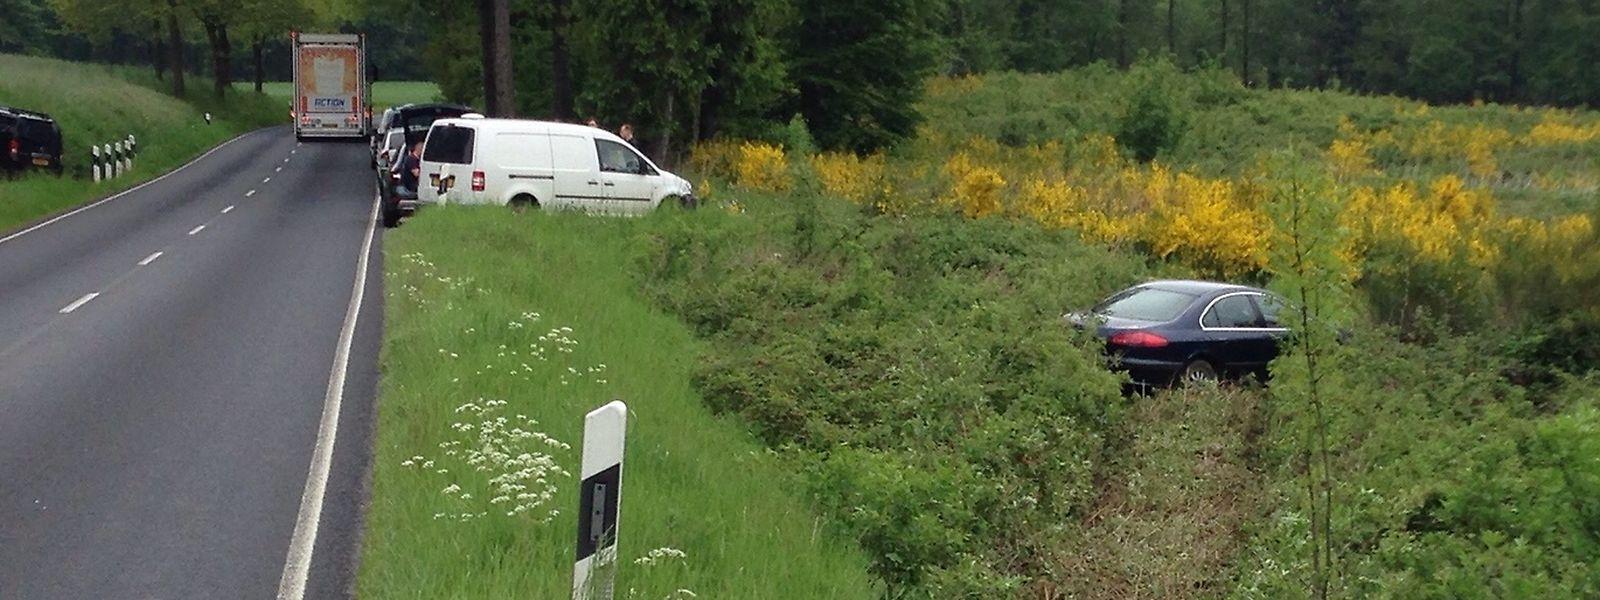 Das verdächtige Auto landete neben der Straße im Gebüsch.